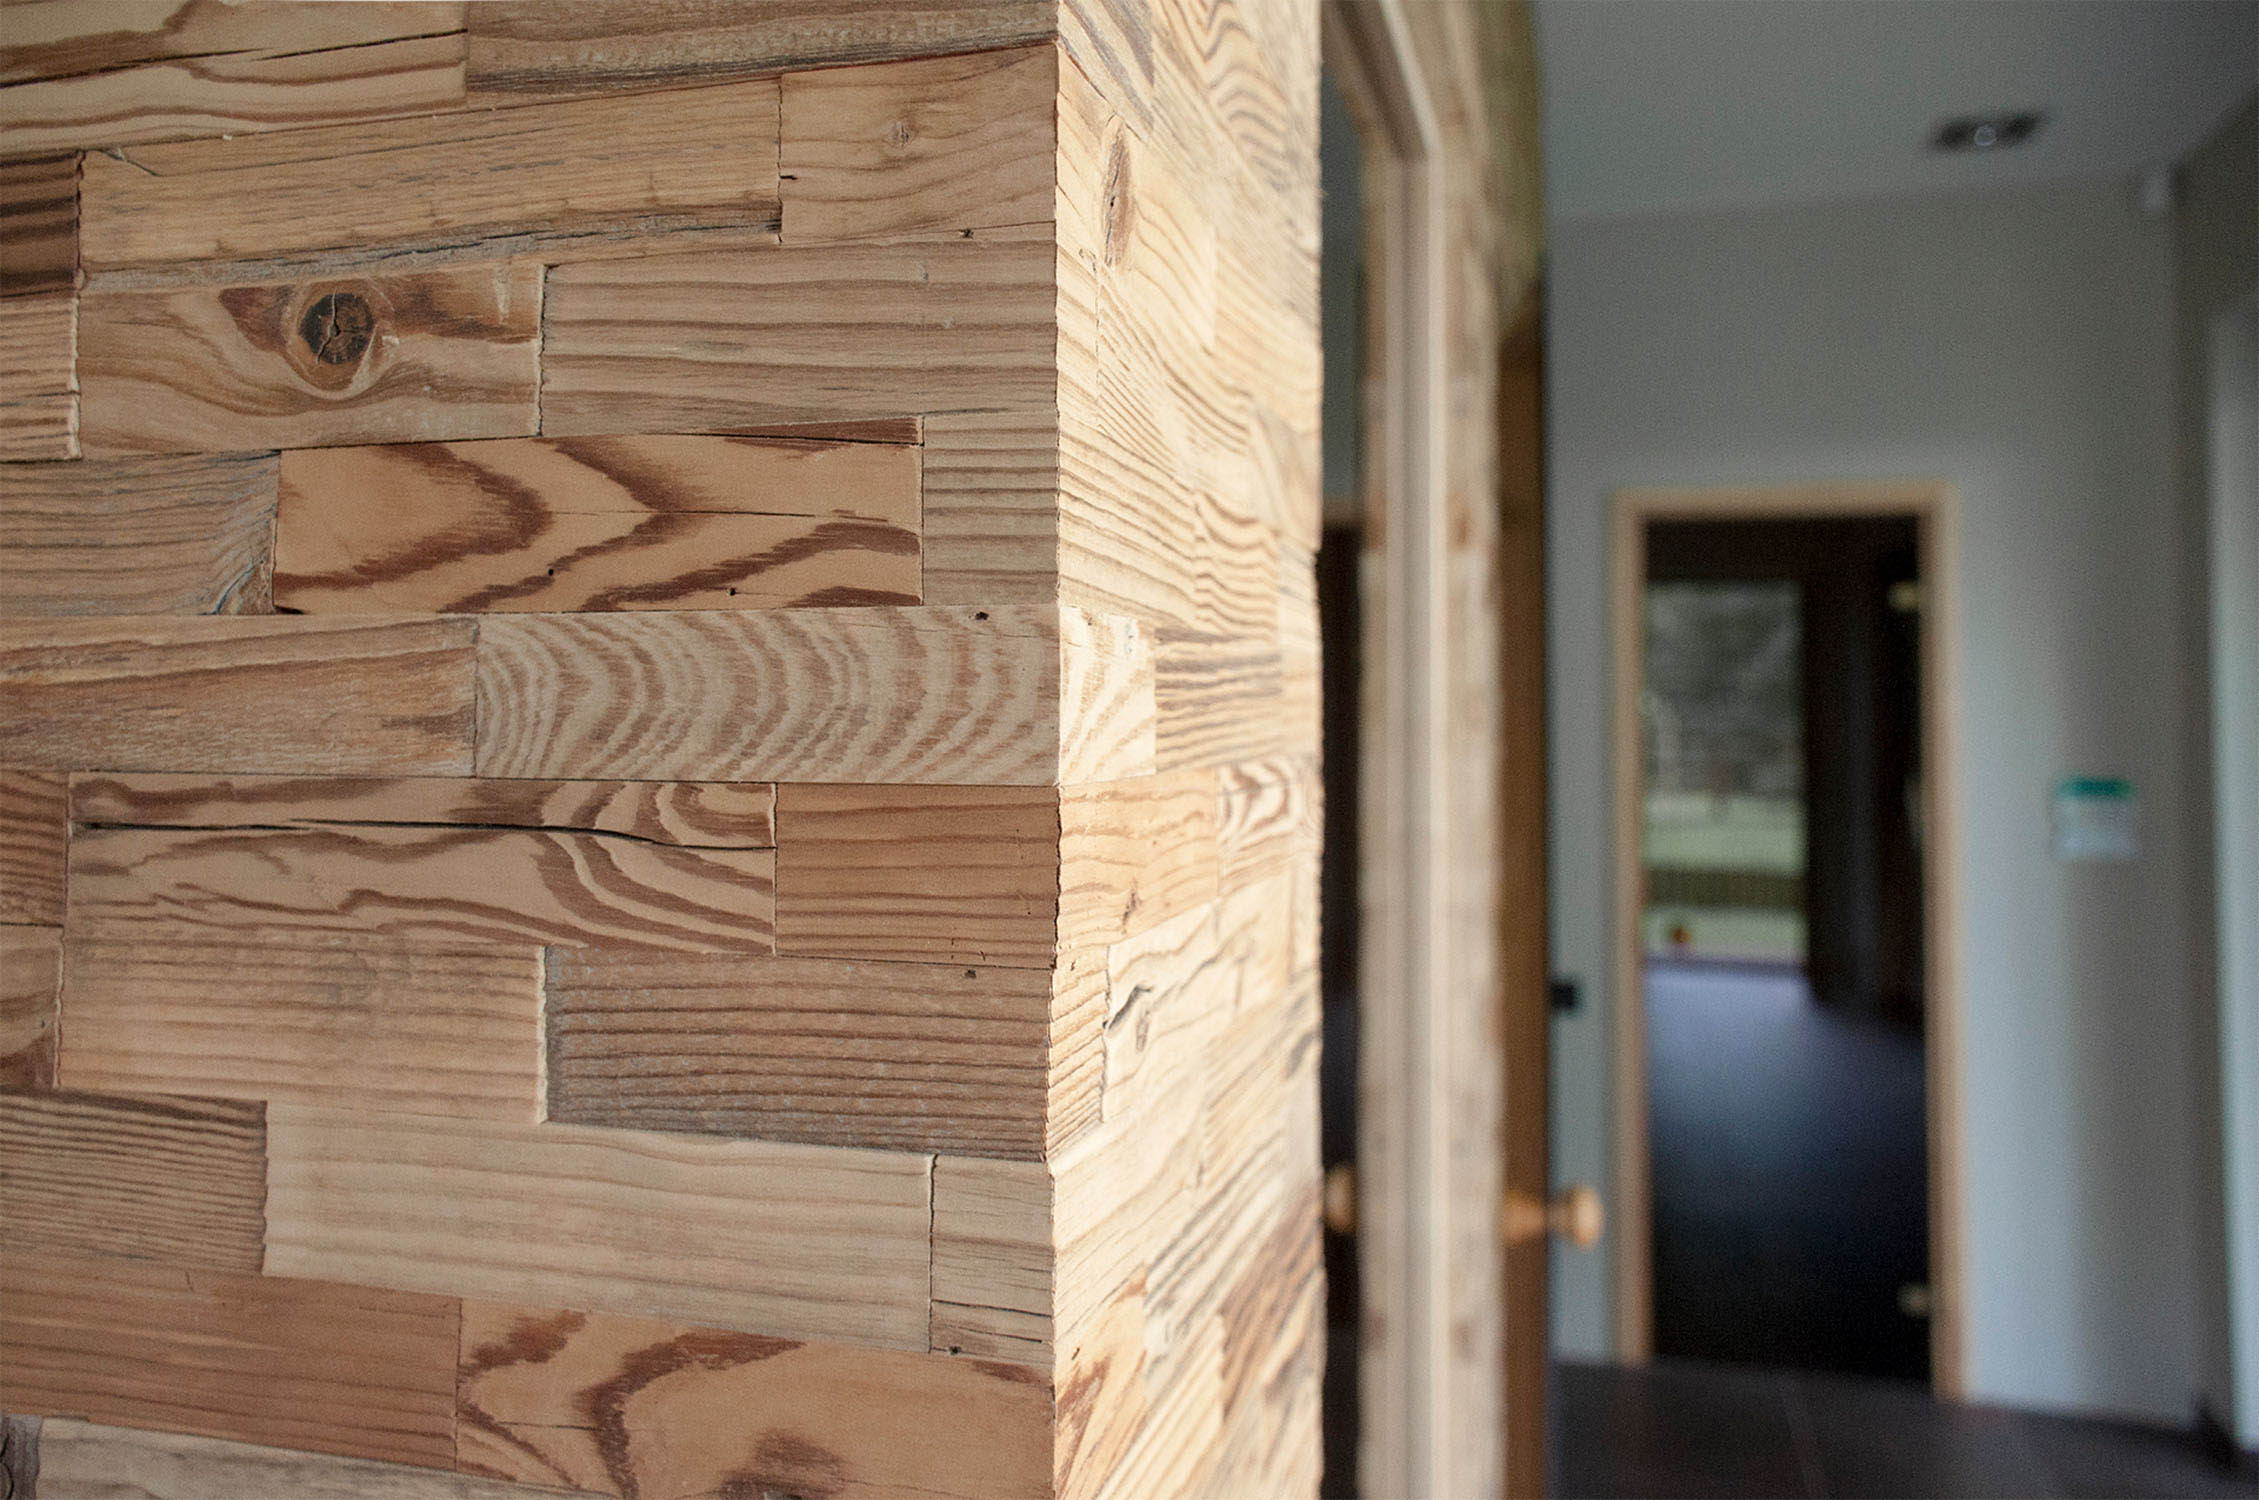 Otrreiz pārstrādātā koka sienu paneļi